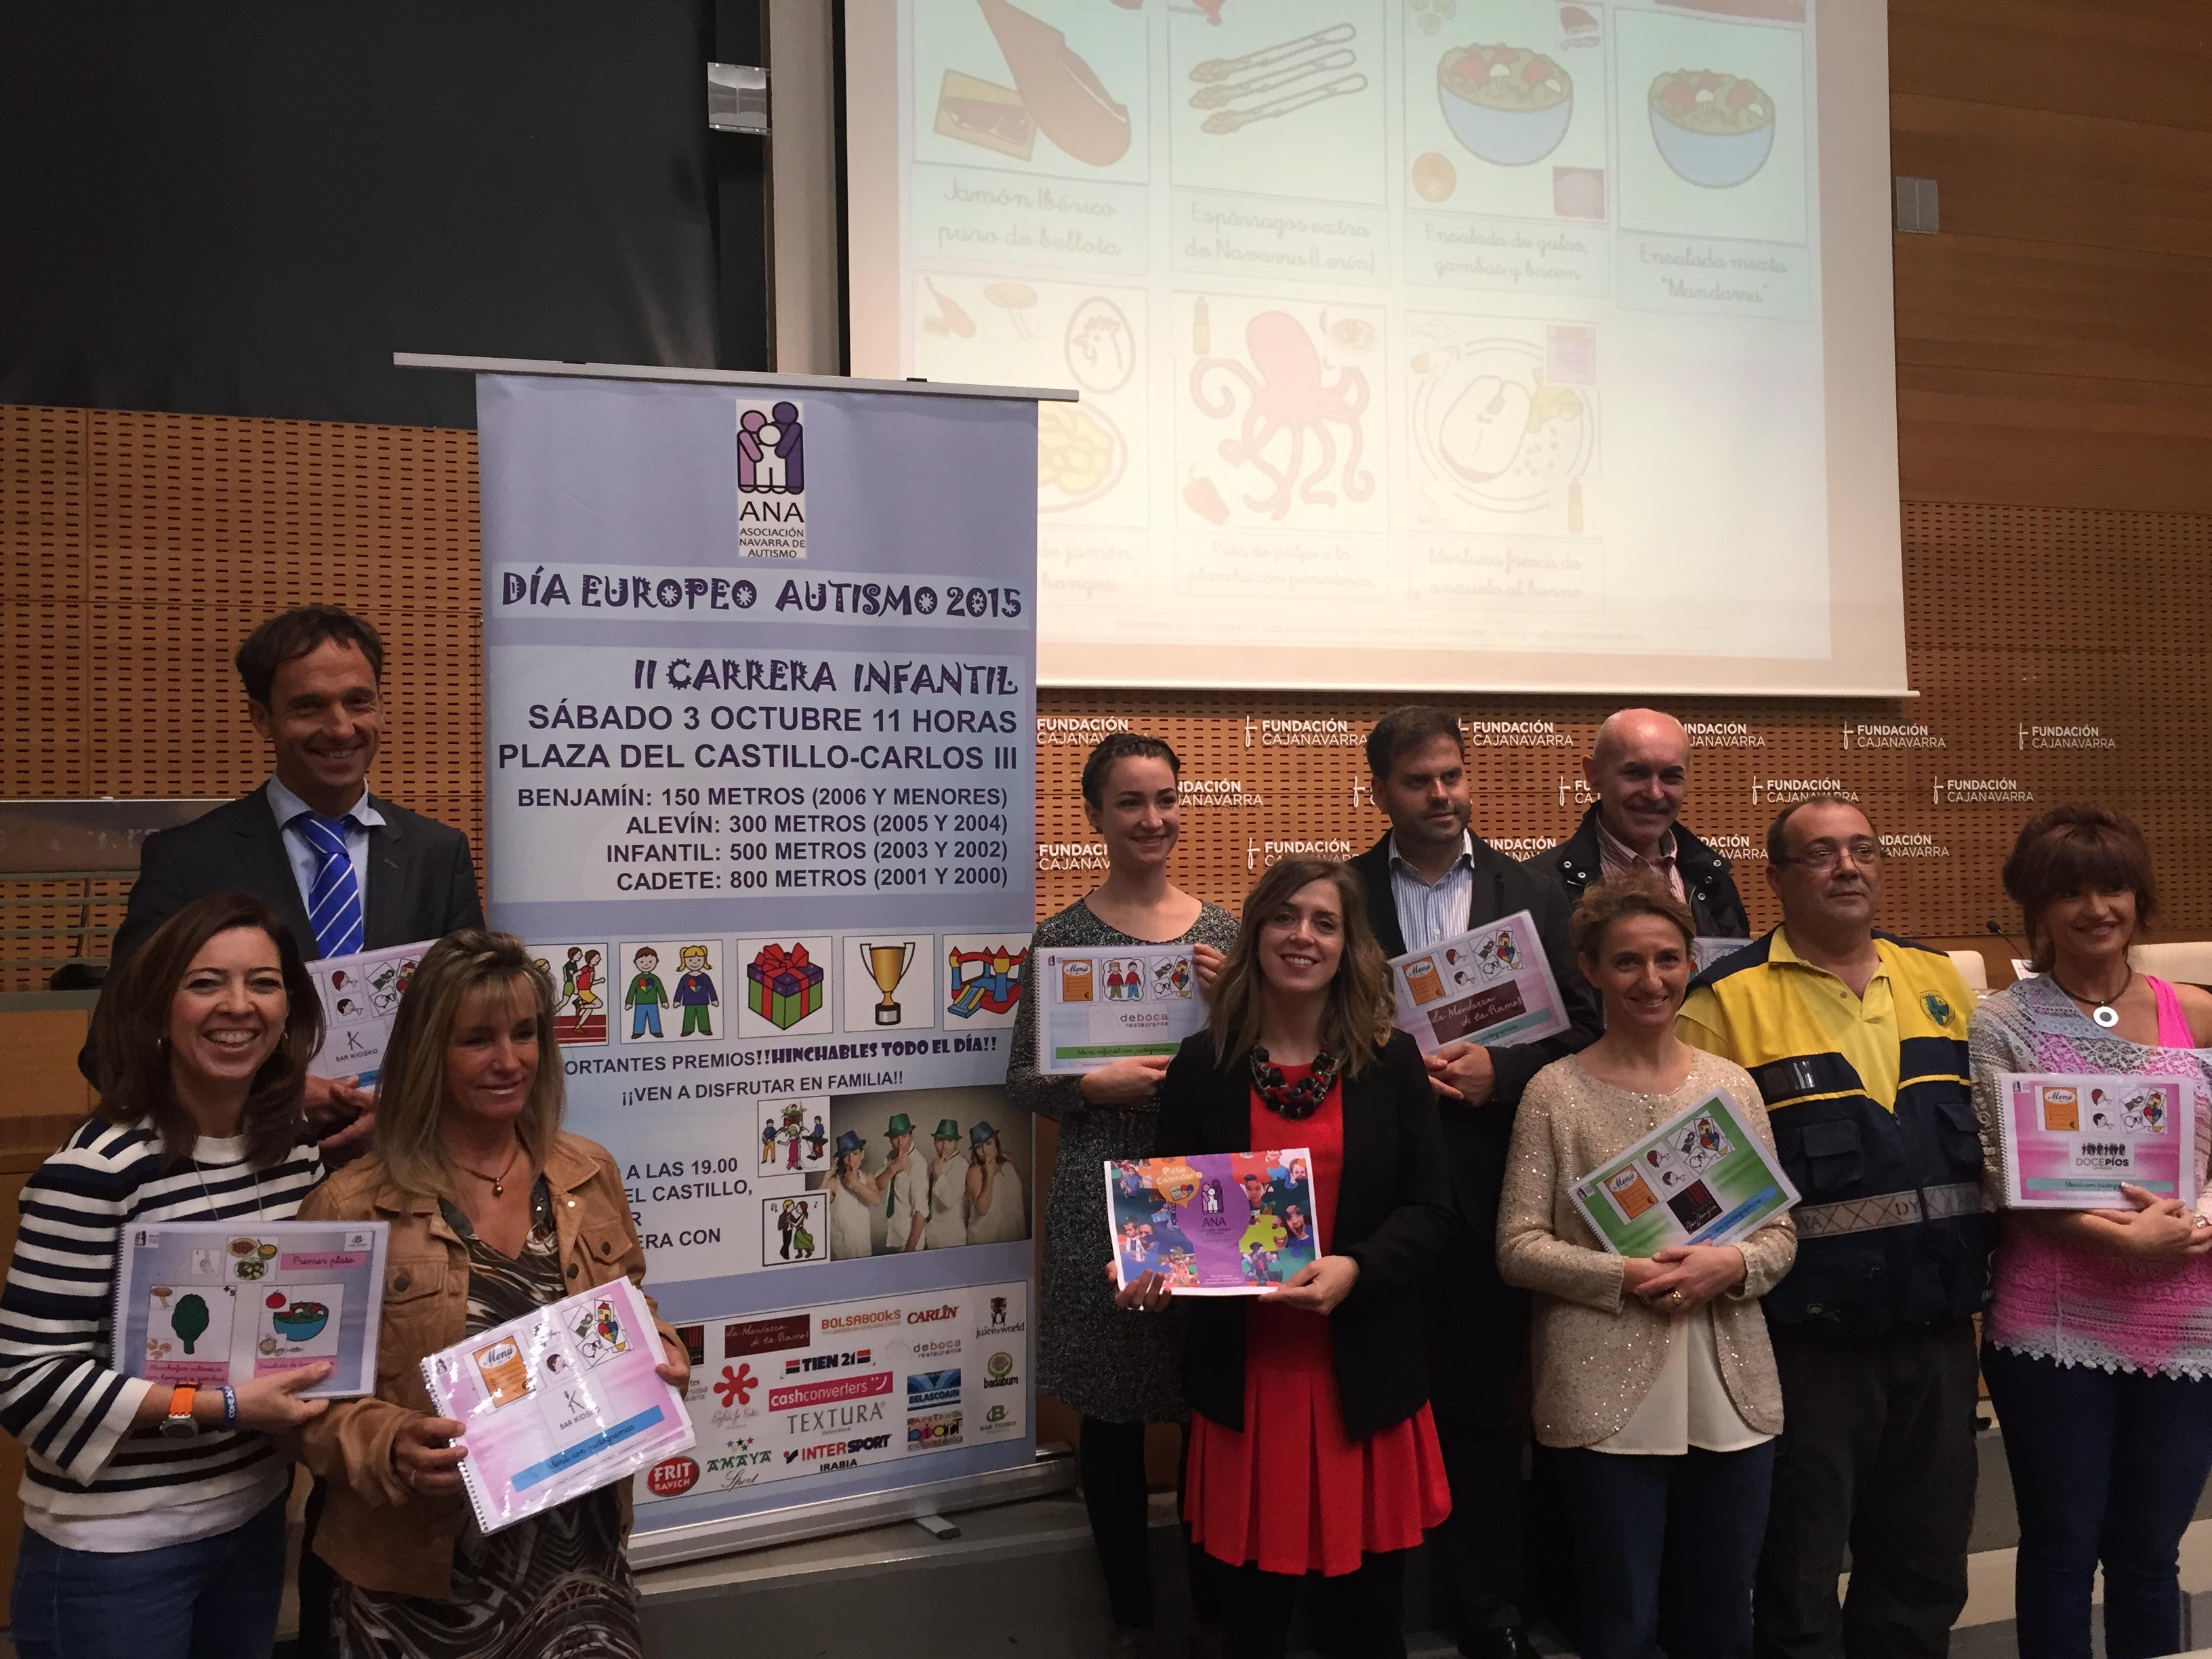 dia europeo autismo rueda de prensa